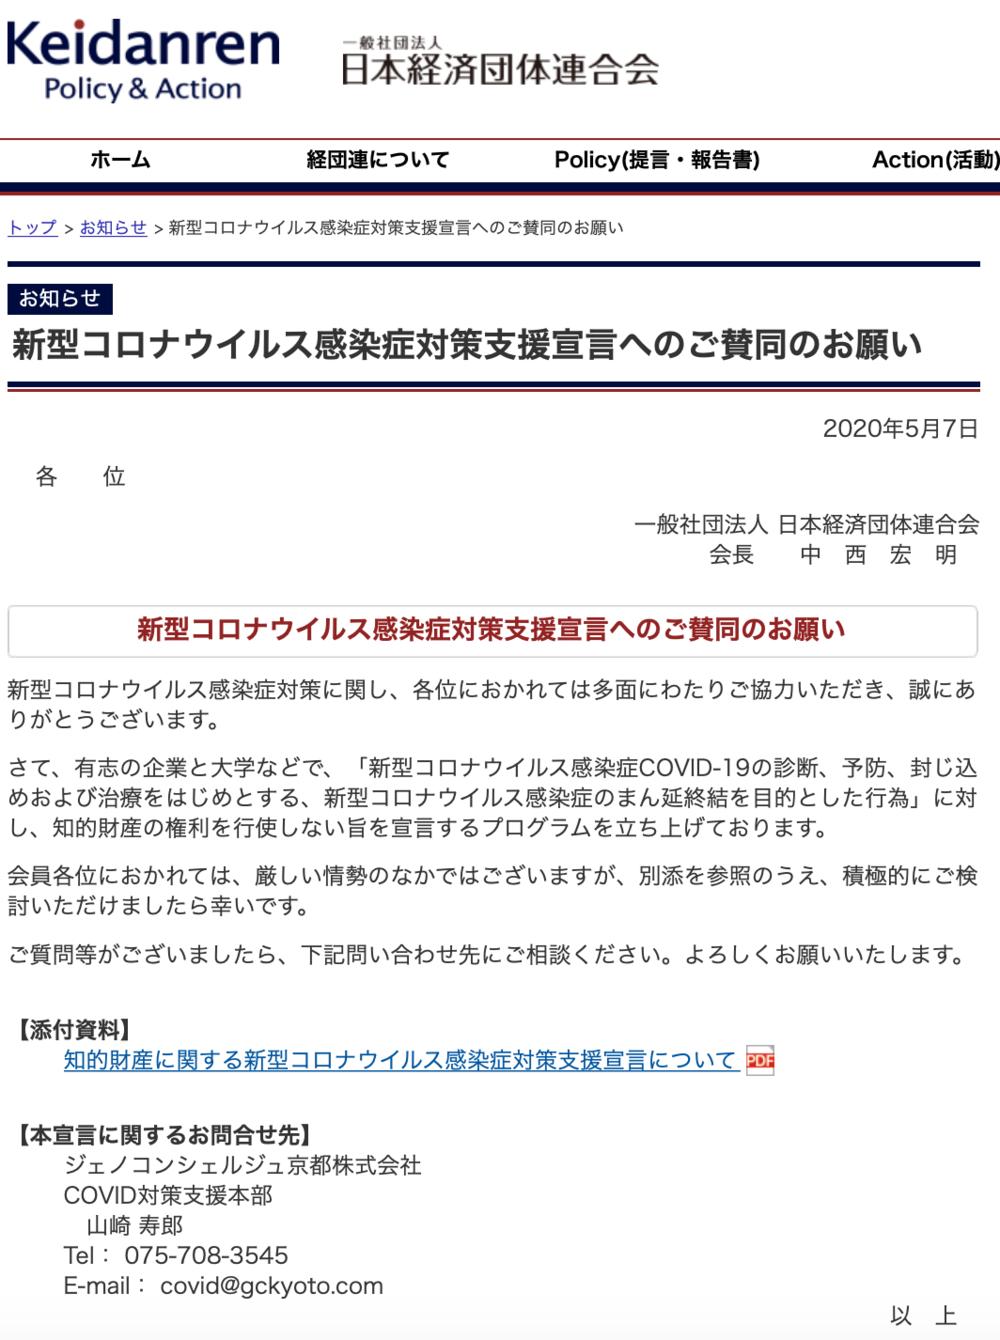 トヨタ や ホンダ など 日本 企業 が 知 的 財産 権 を 開放 する 宣言 新型 コロナ ウイルス 治療